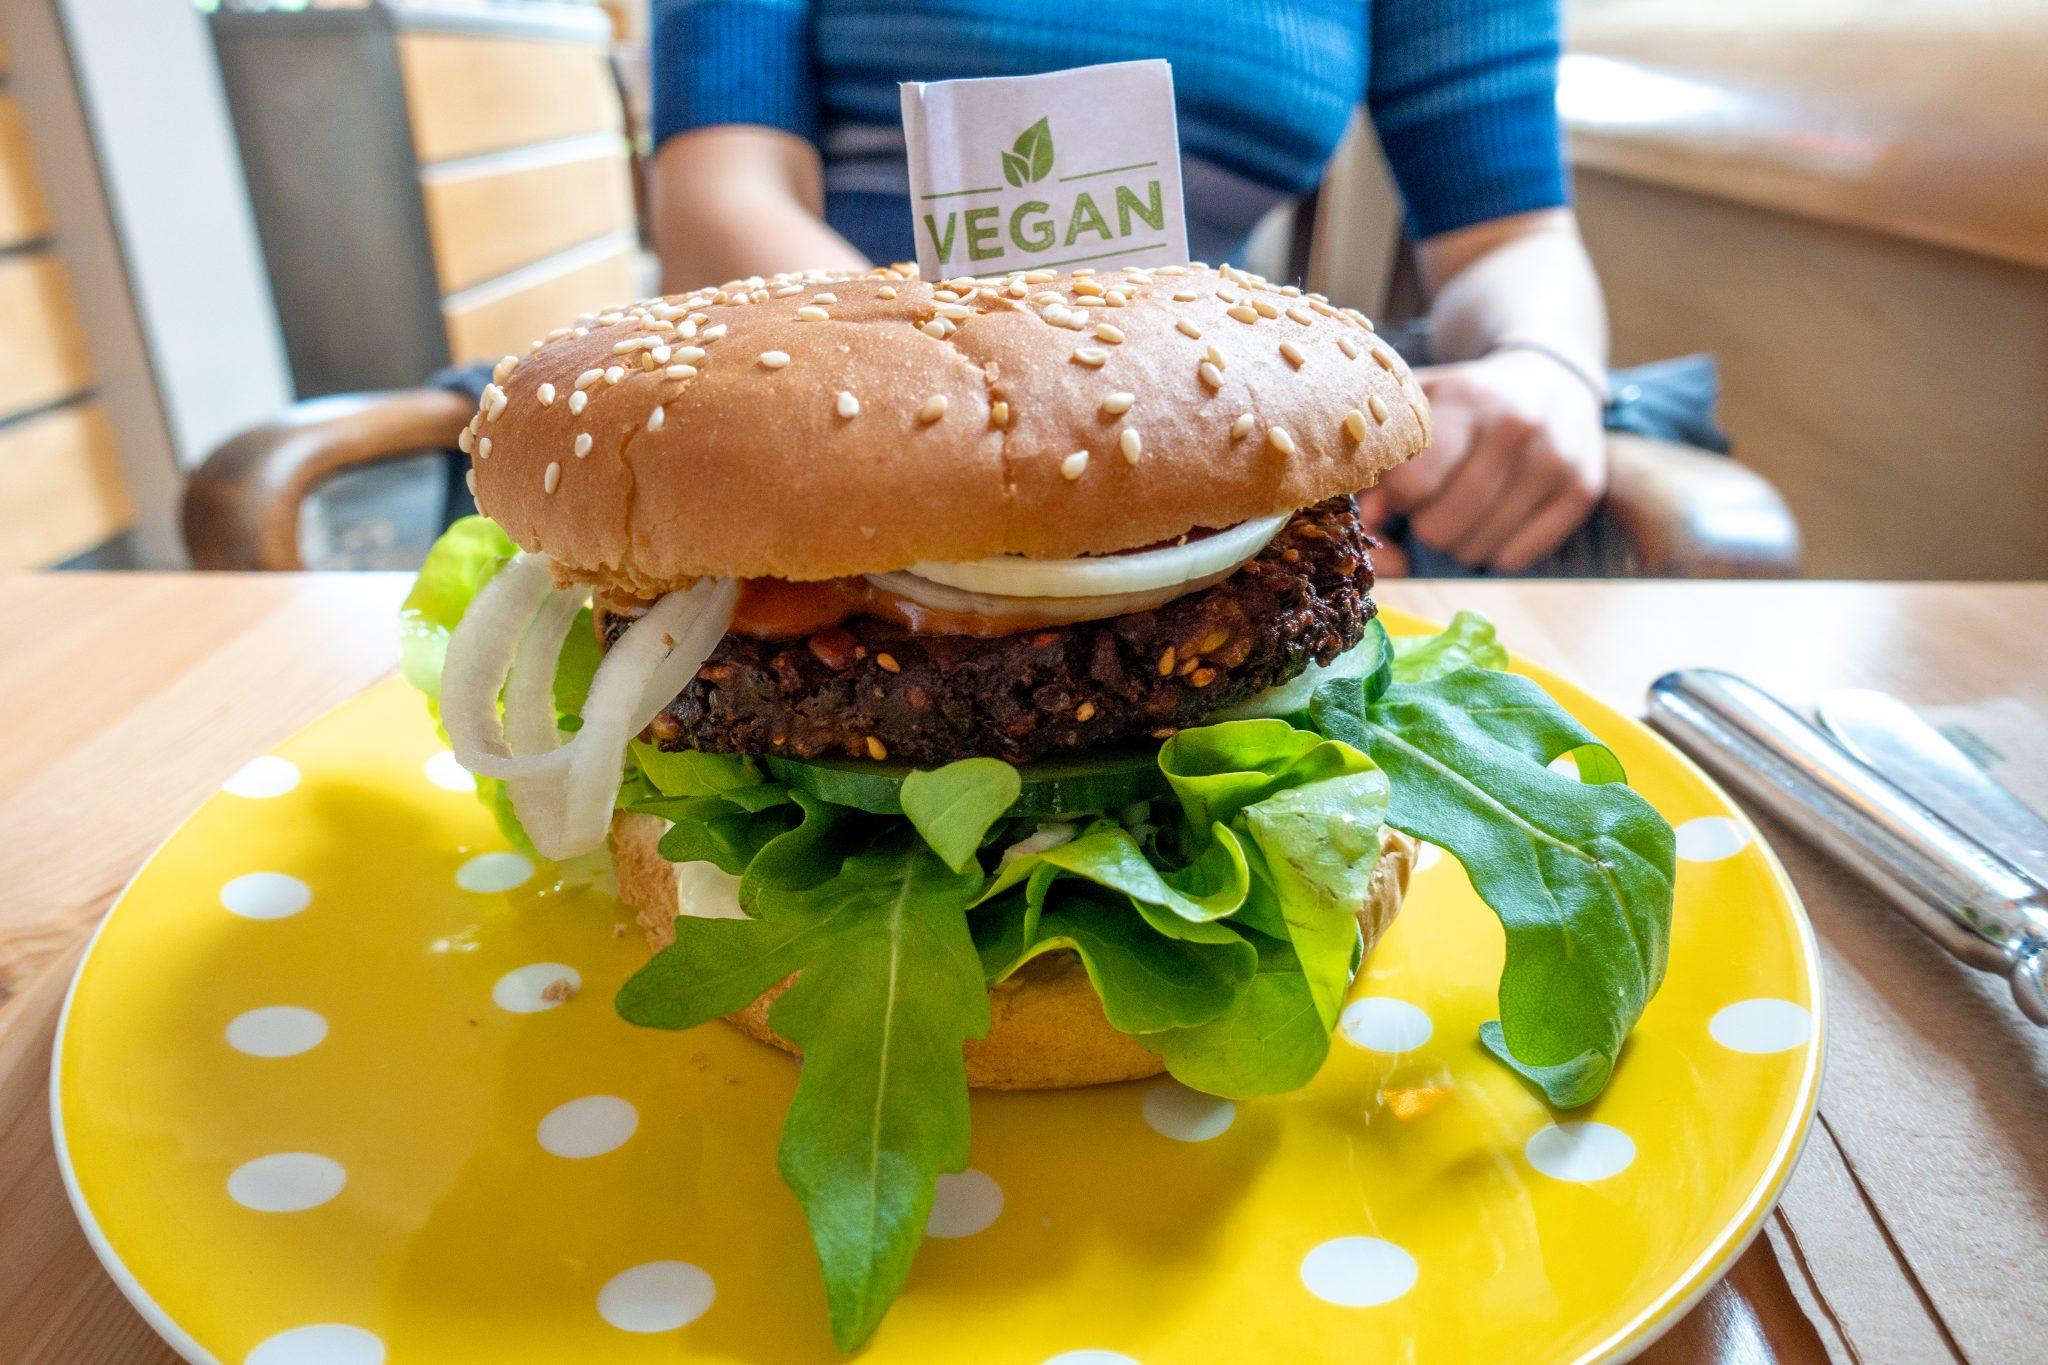 Landau-pfalz-café-ich-bin-so-frey-restaurant-burger